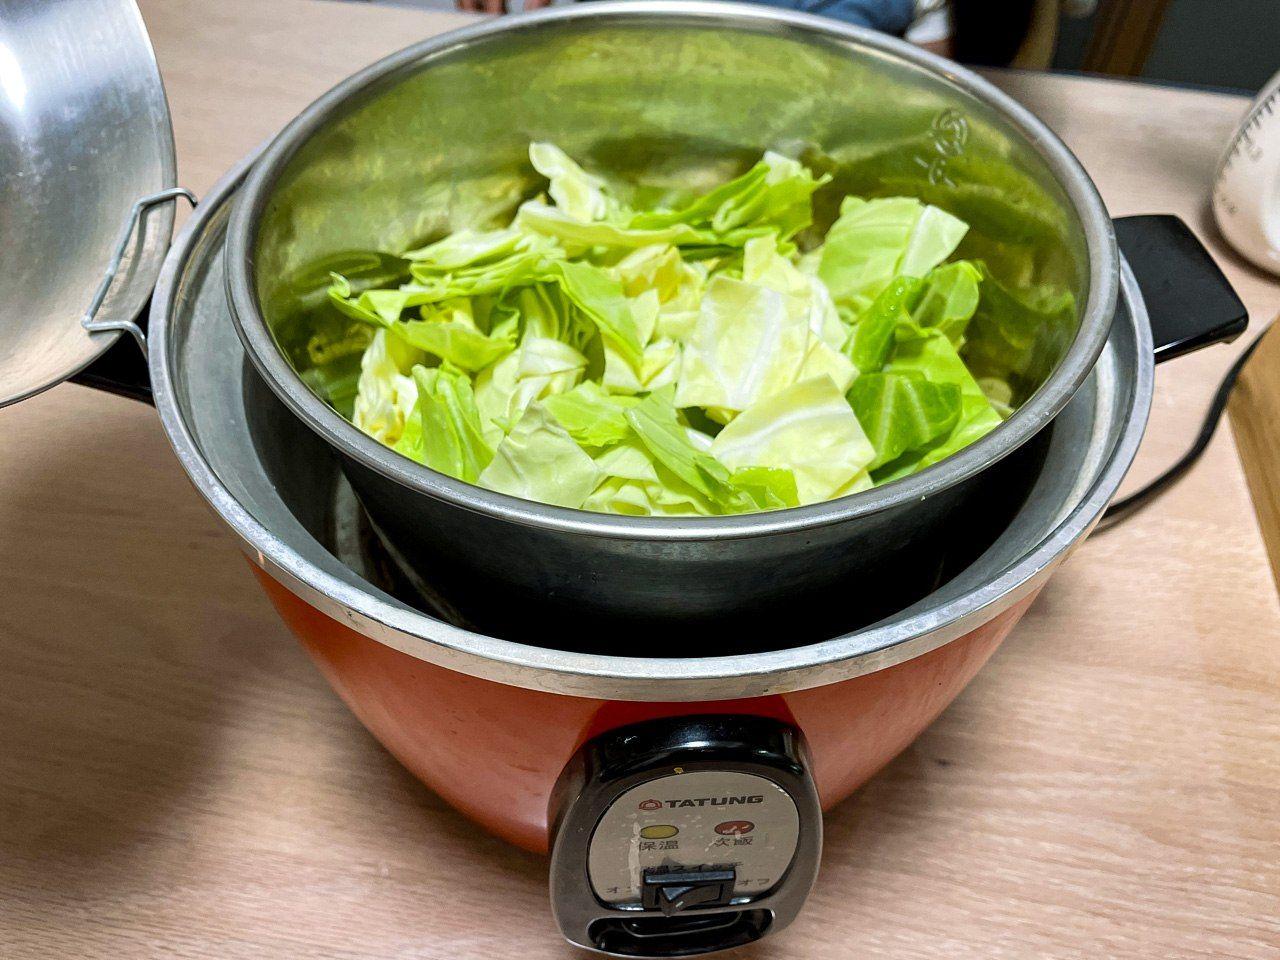 食材と調味料を入れた内鍋を電鍋にセット